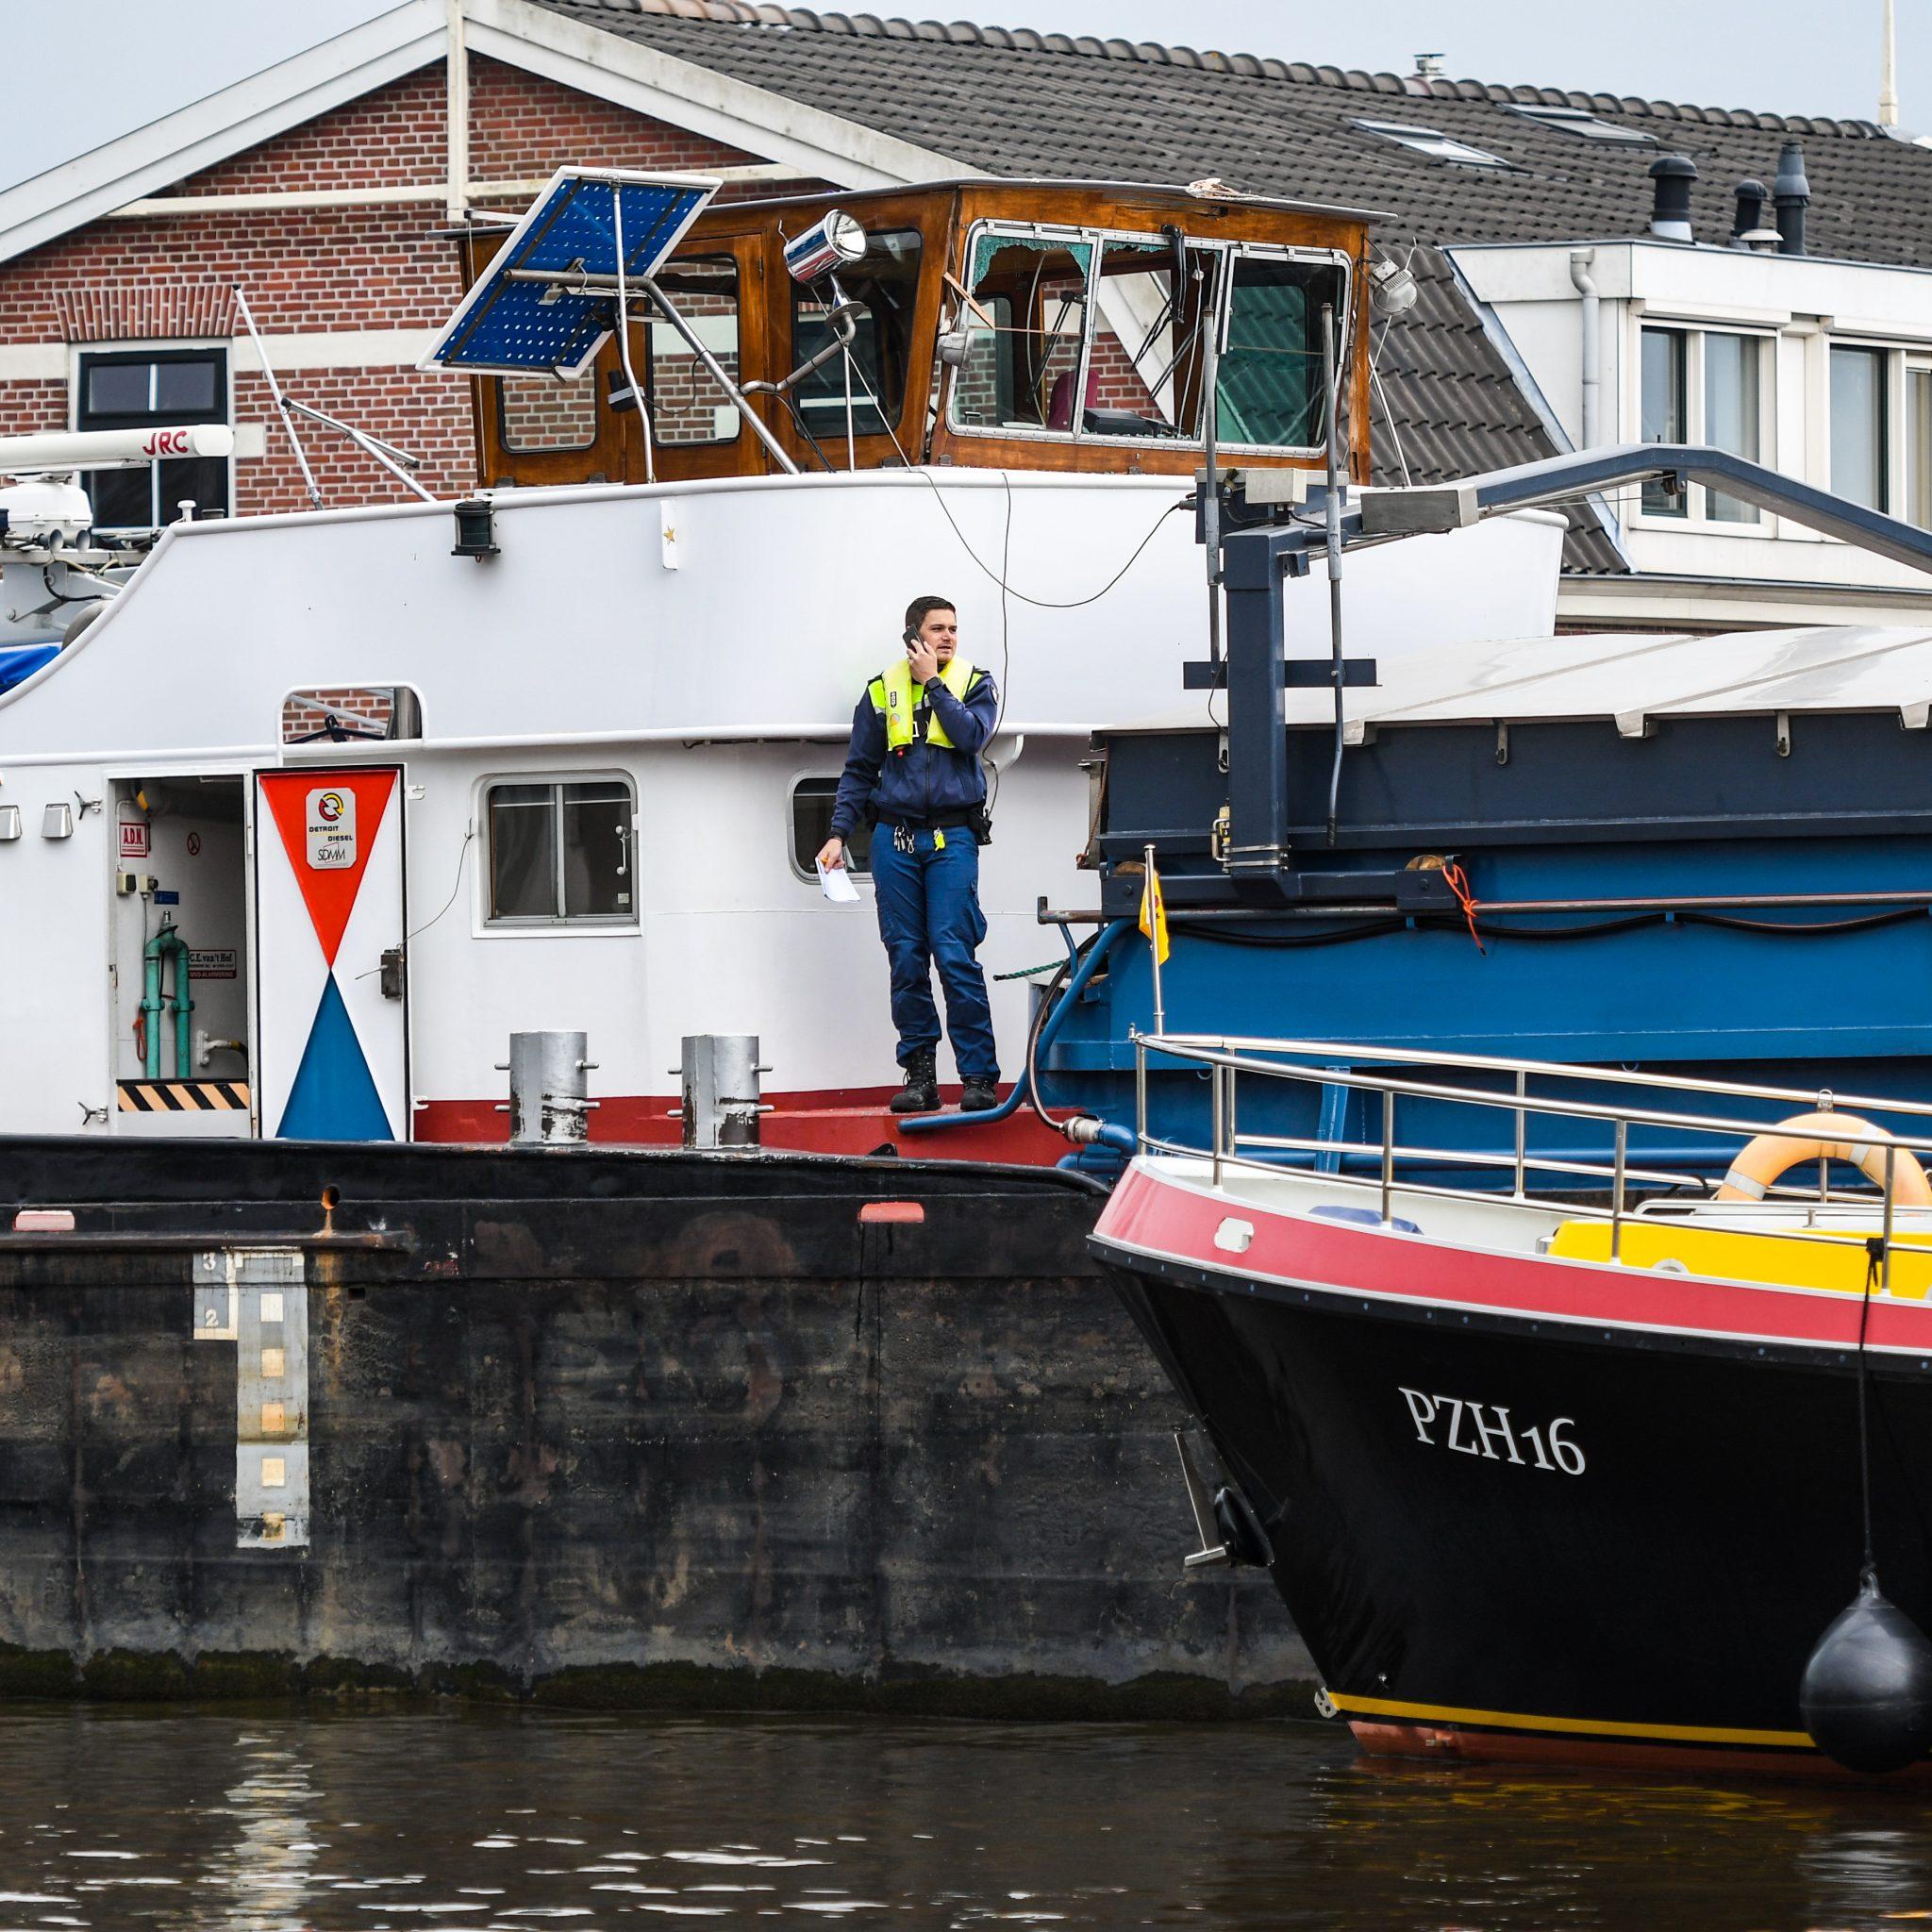 Er is grote schade aan de stuurhut van het vrachtschip. (Foto Media TV)